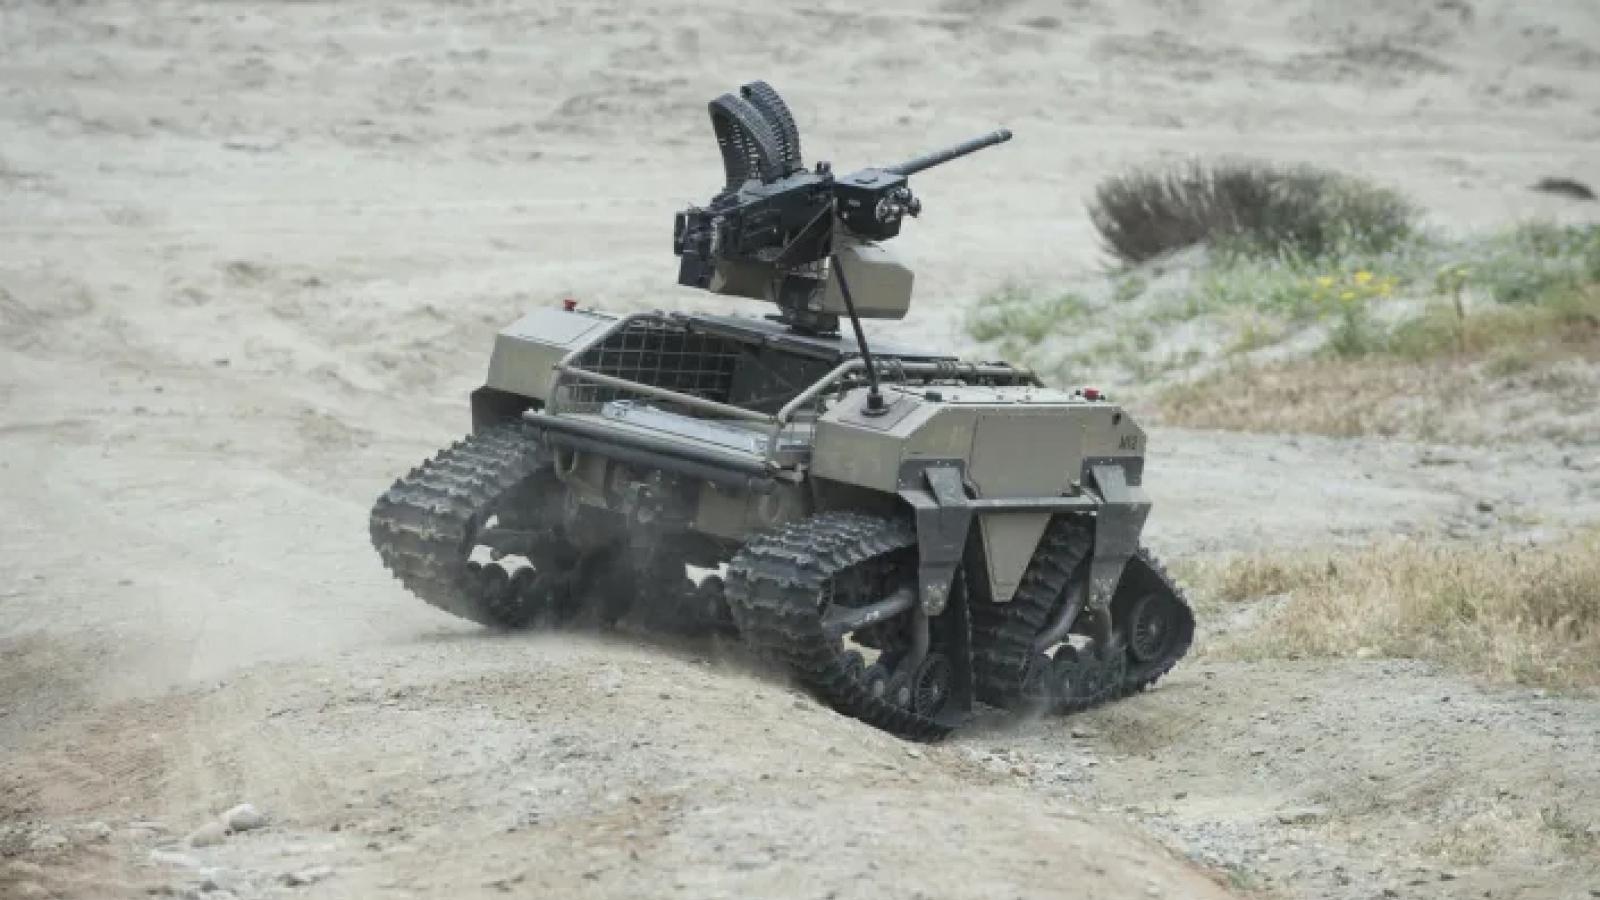 Robot sát thủ gây ra mối đe dọa với thế giới còn lớn hơn cả vũ khí hạt nhân